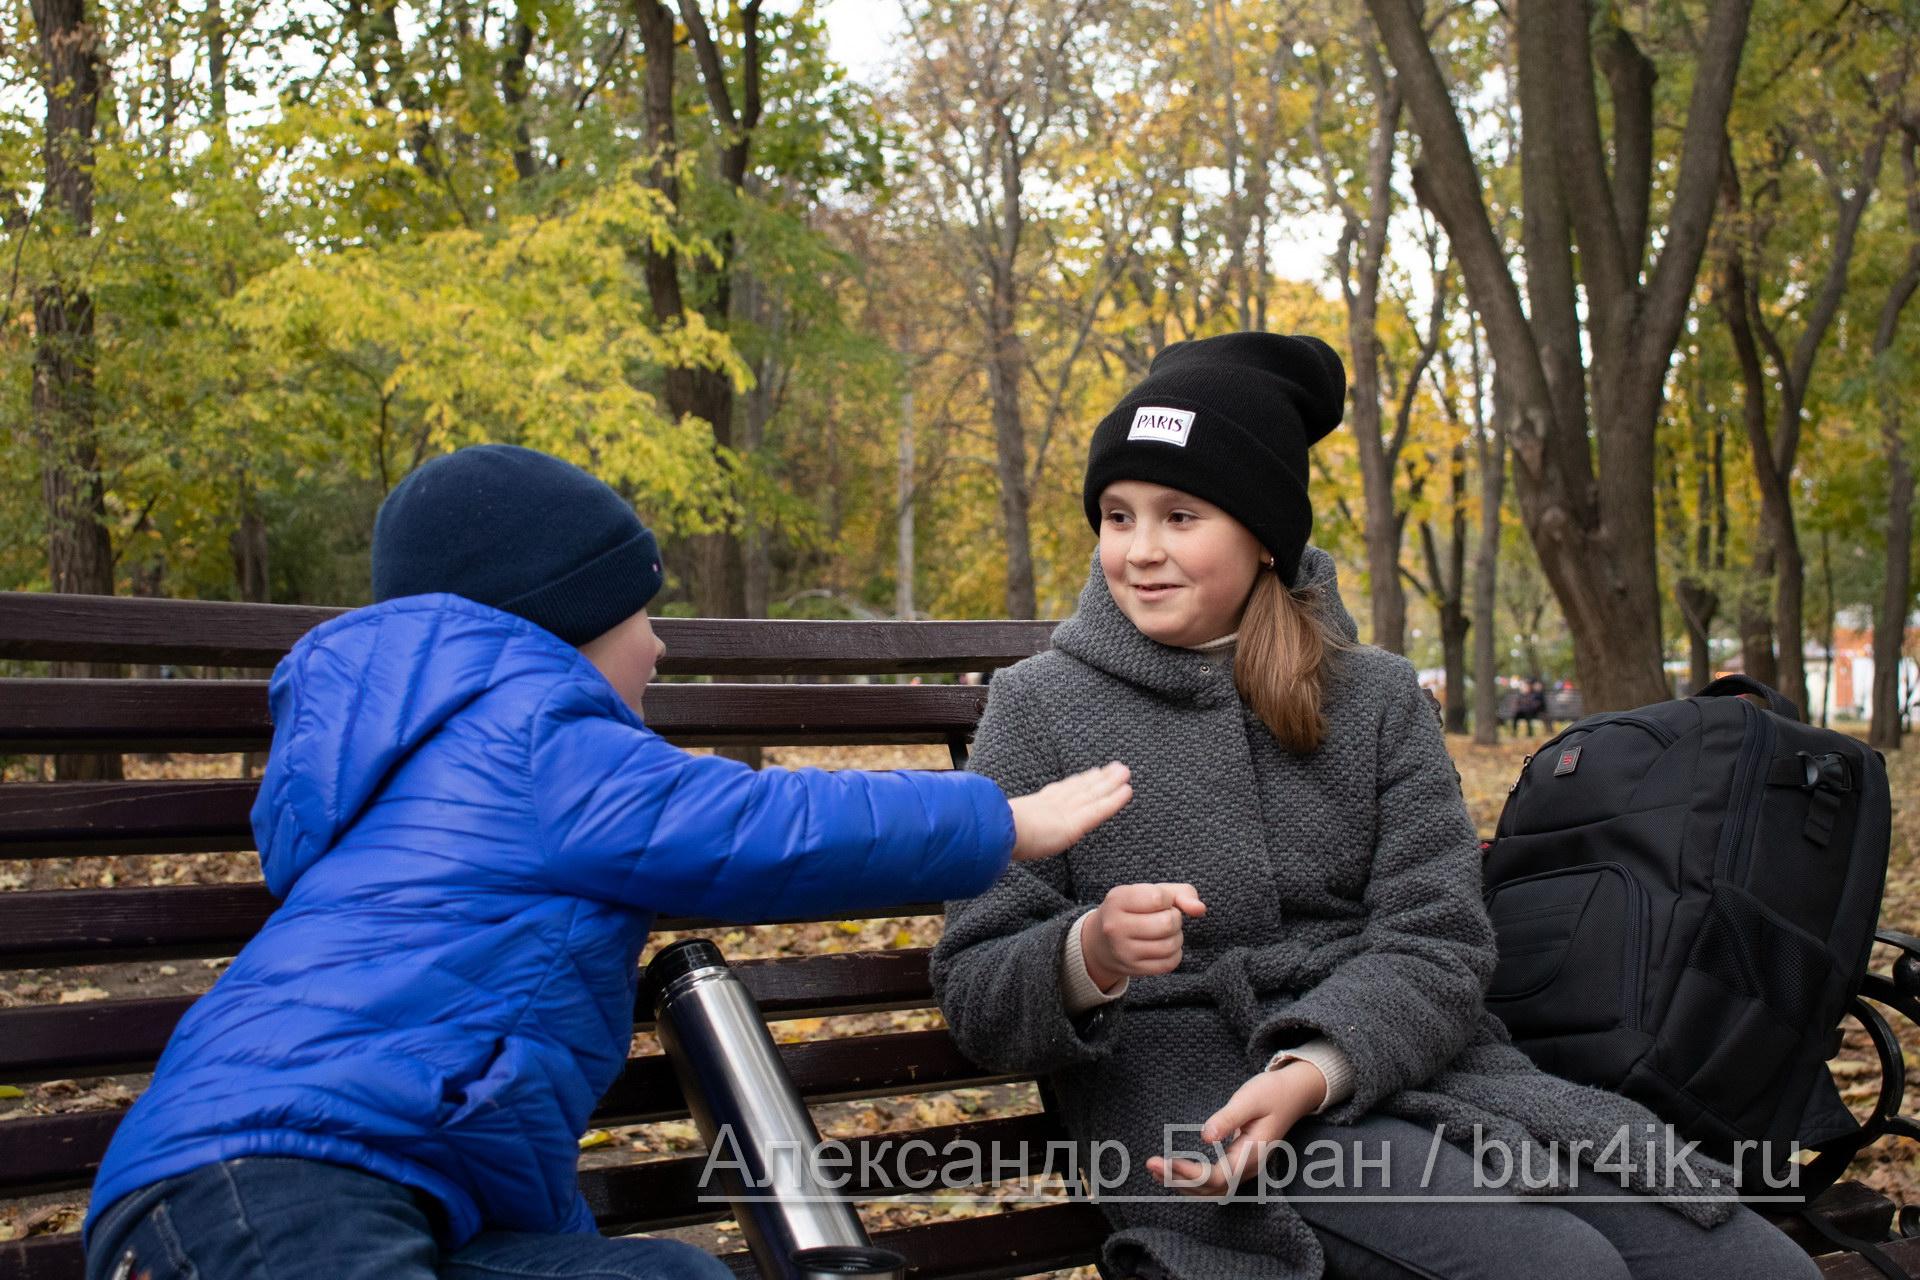 Девочка и мальчик сидят на скамейке поиграть в осеннем парке - Украина, Одесса, 17,10,2019